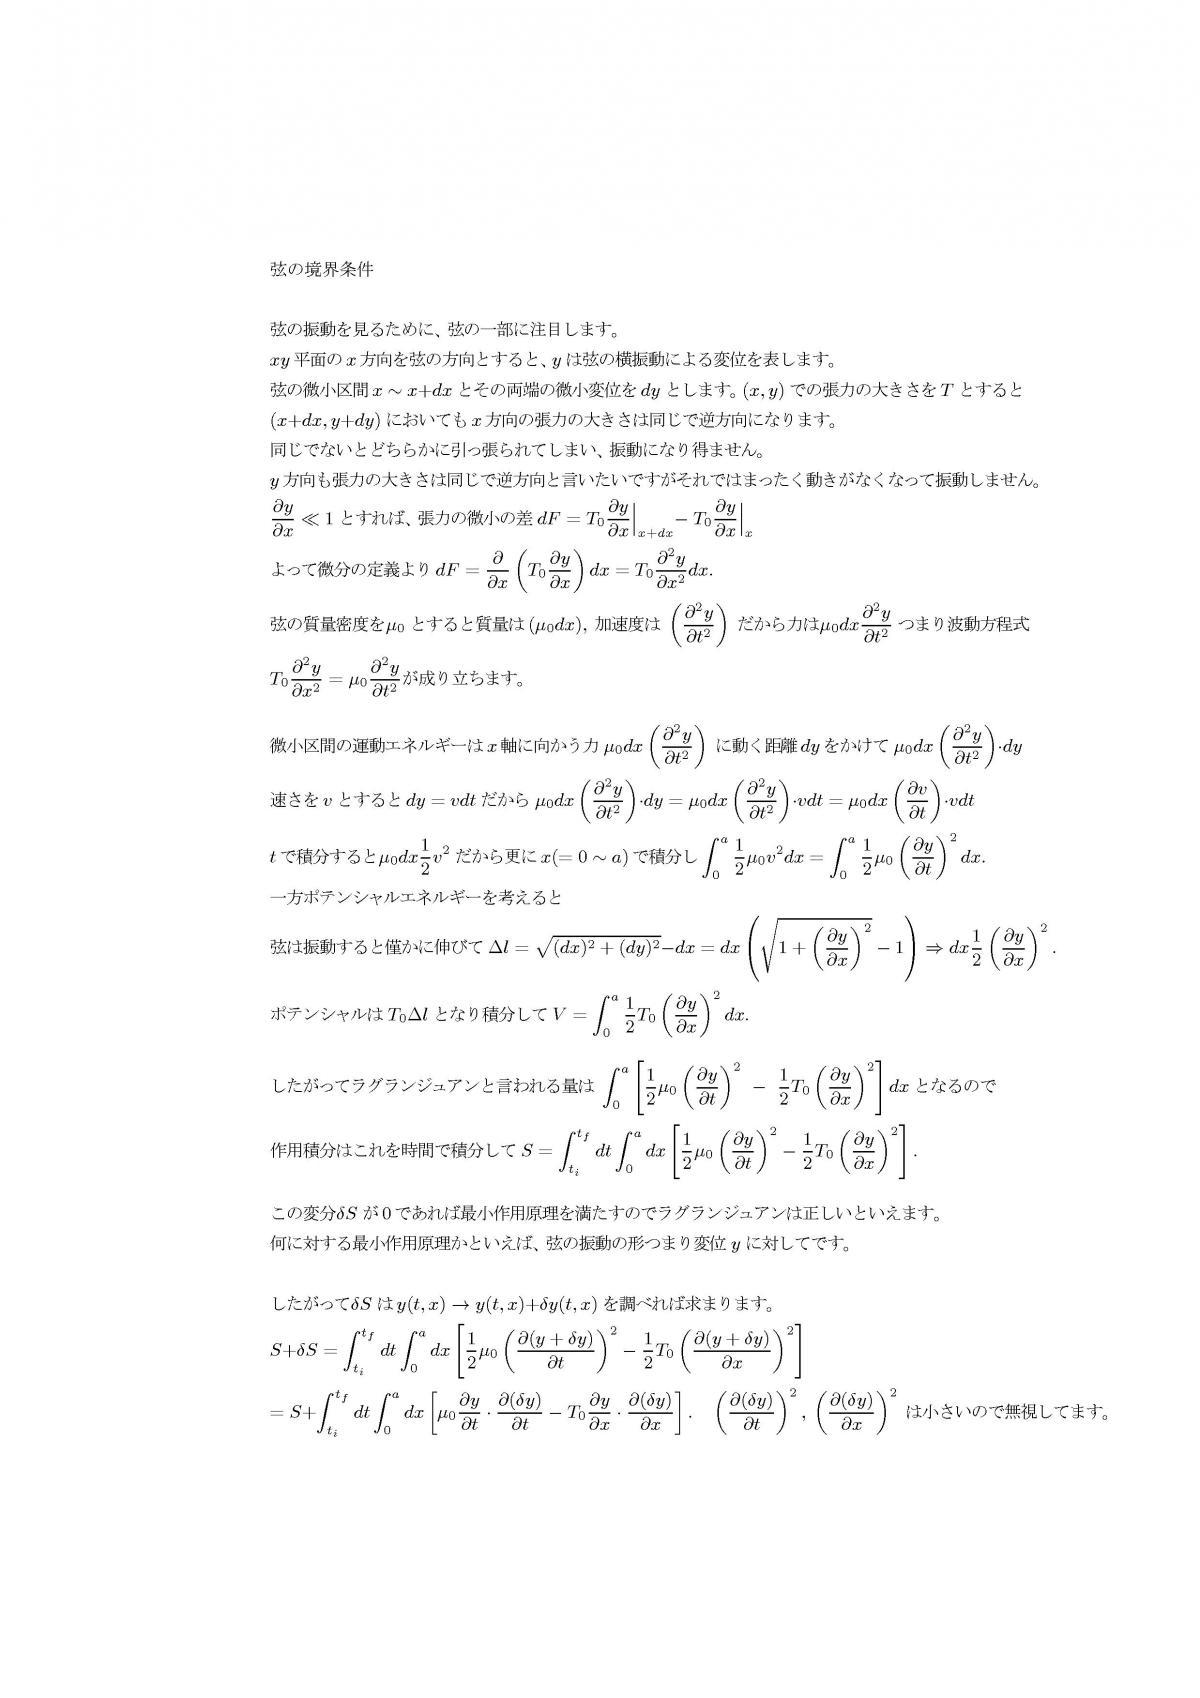 str13a.jpg